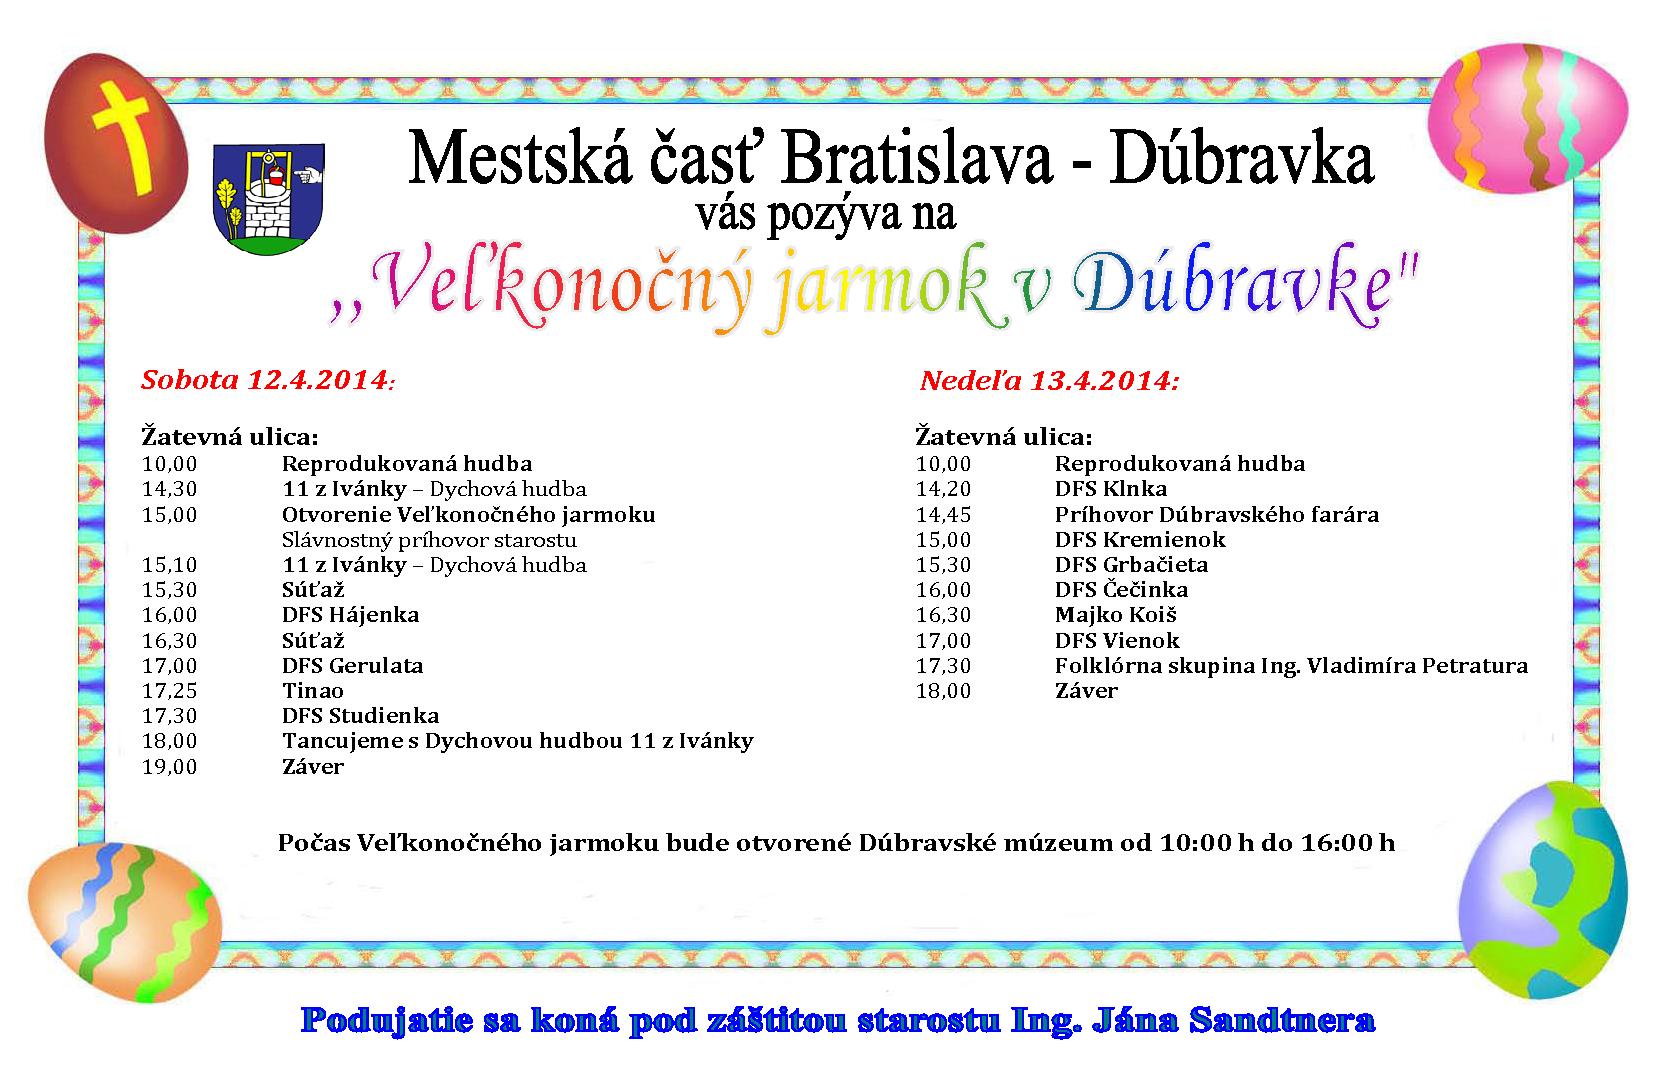 ee4265ee6 Novinky mestskej časti Bratislava-Dúbravka   Mestská časť Bratislava ...